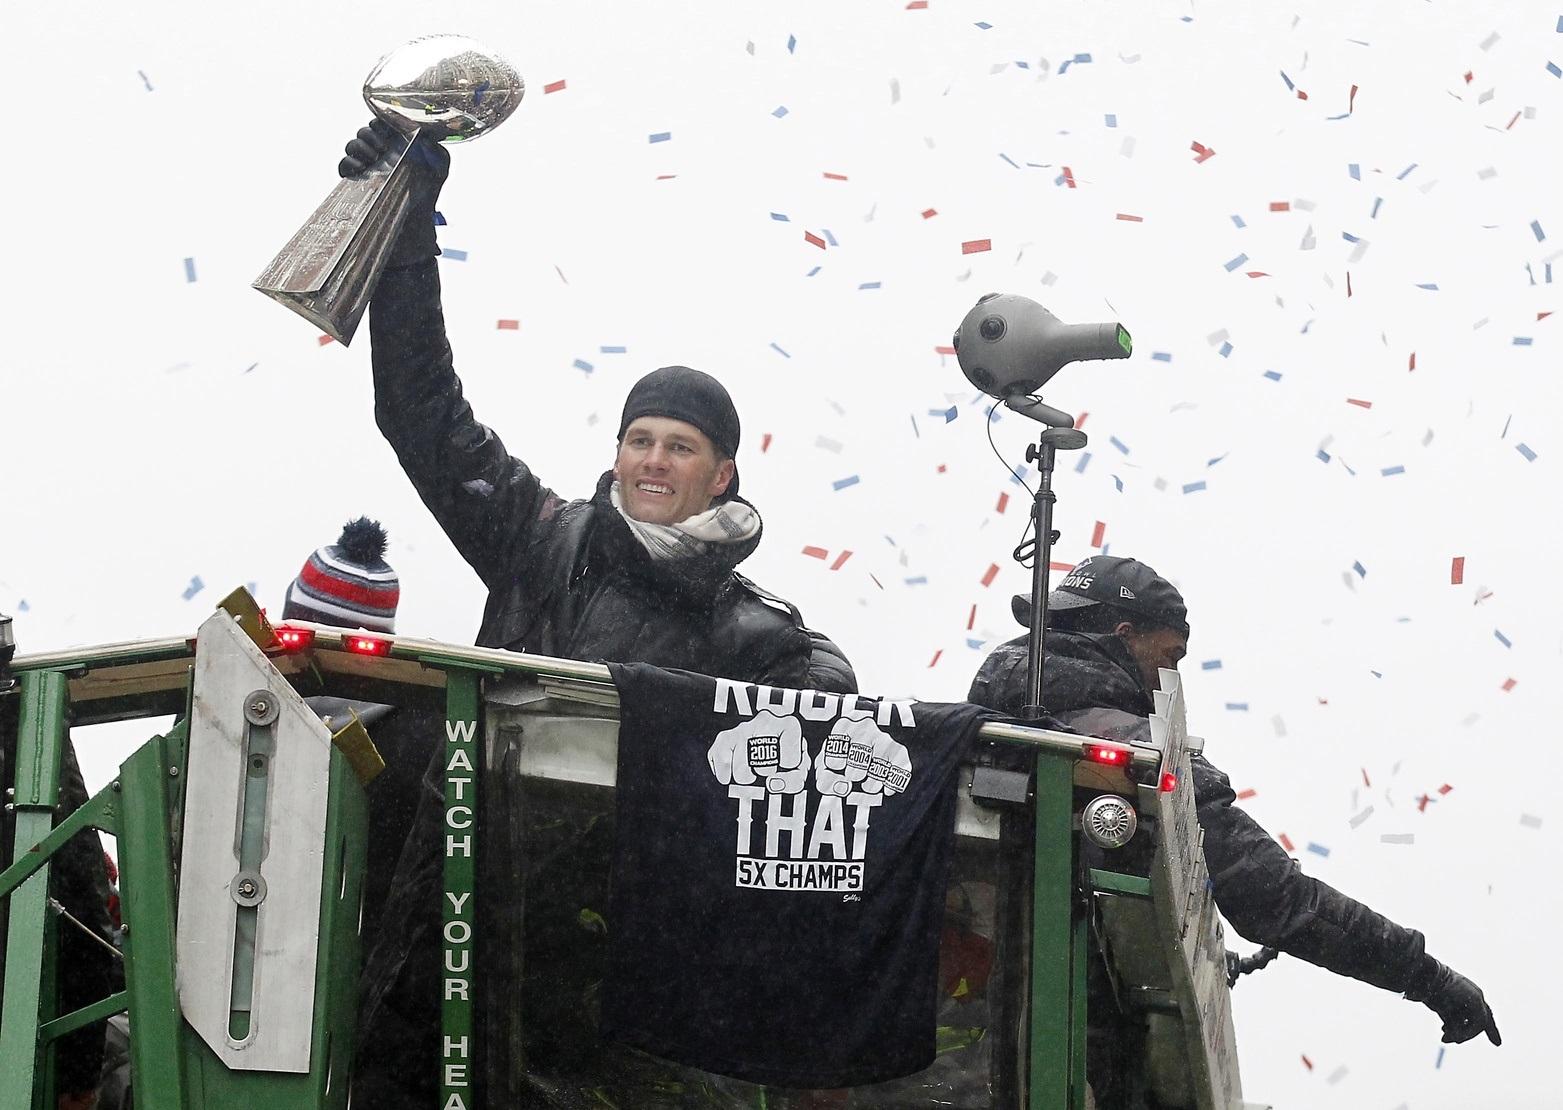 020717-NFL-Super-Bowl-New-England-Patriots-Parade-2